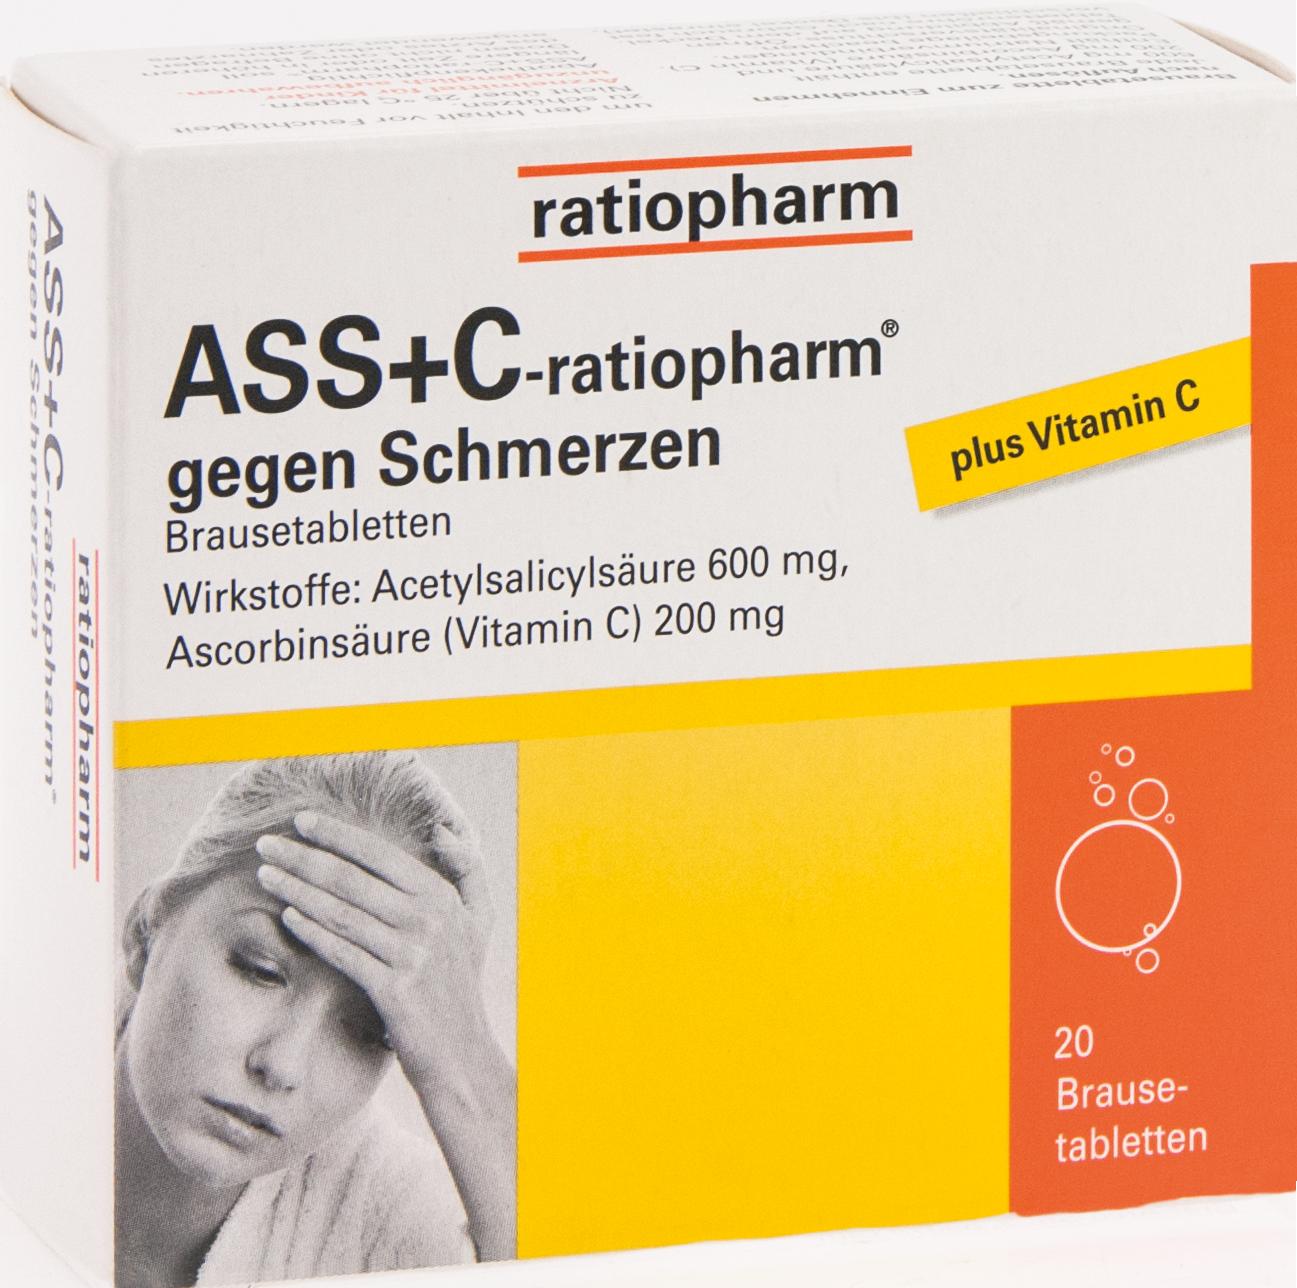 ASS + C-ratiopharm gegen Schmerzen